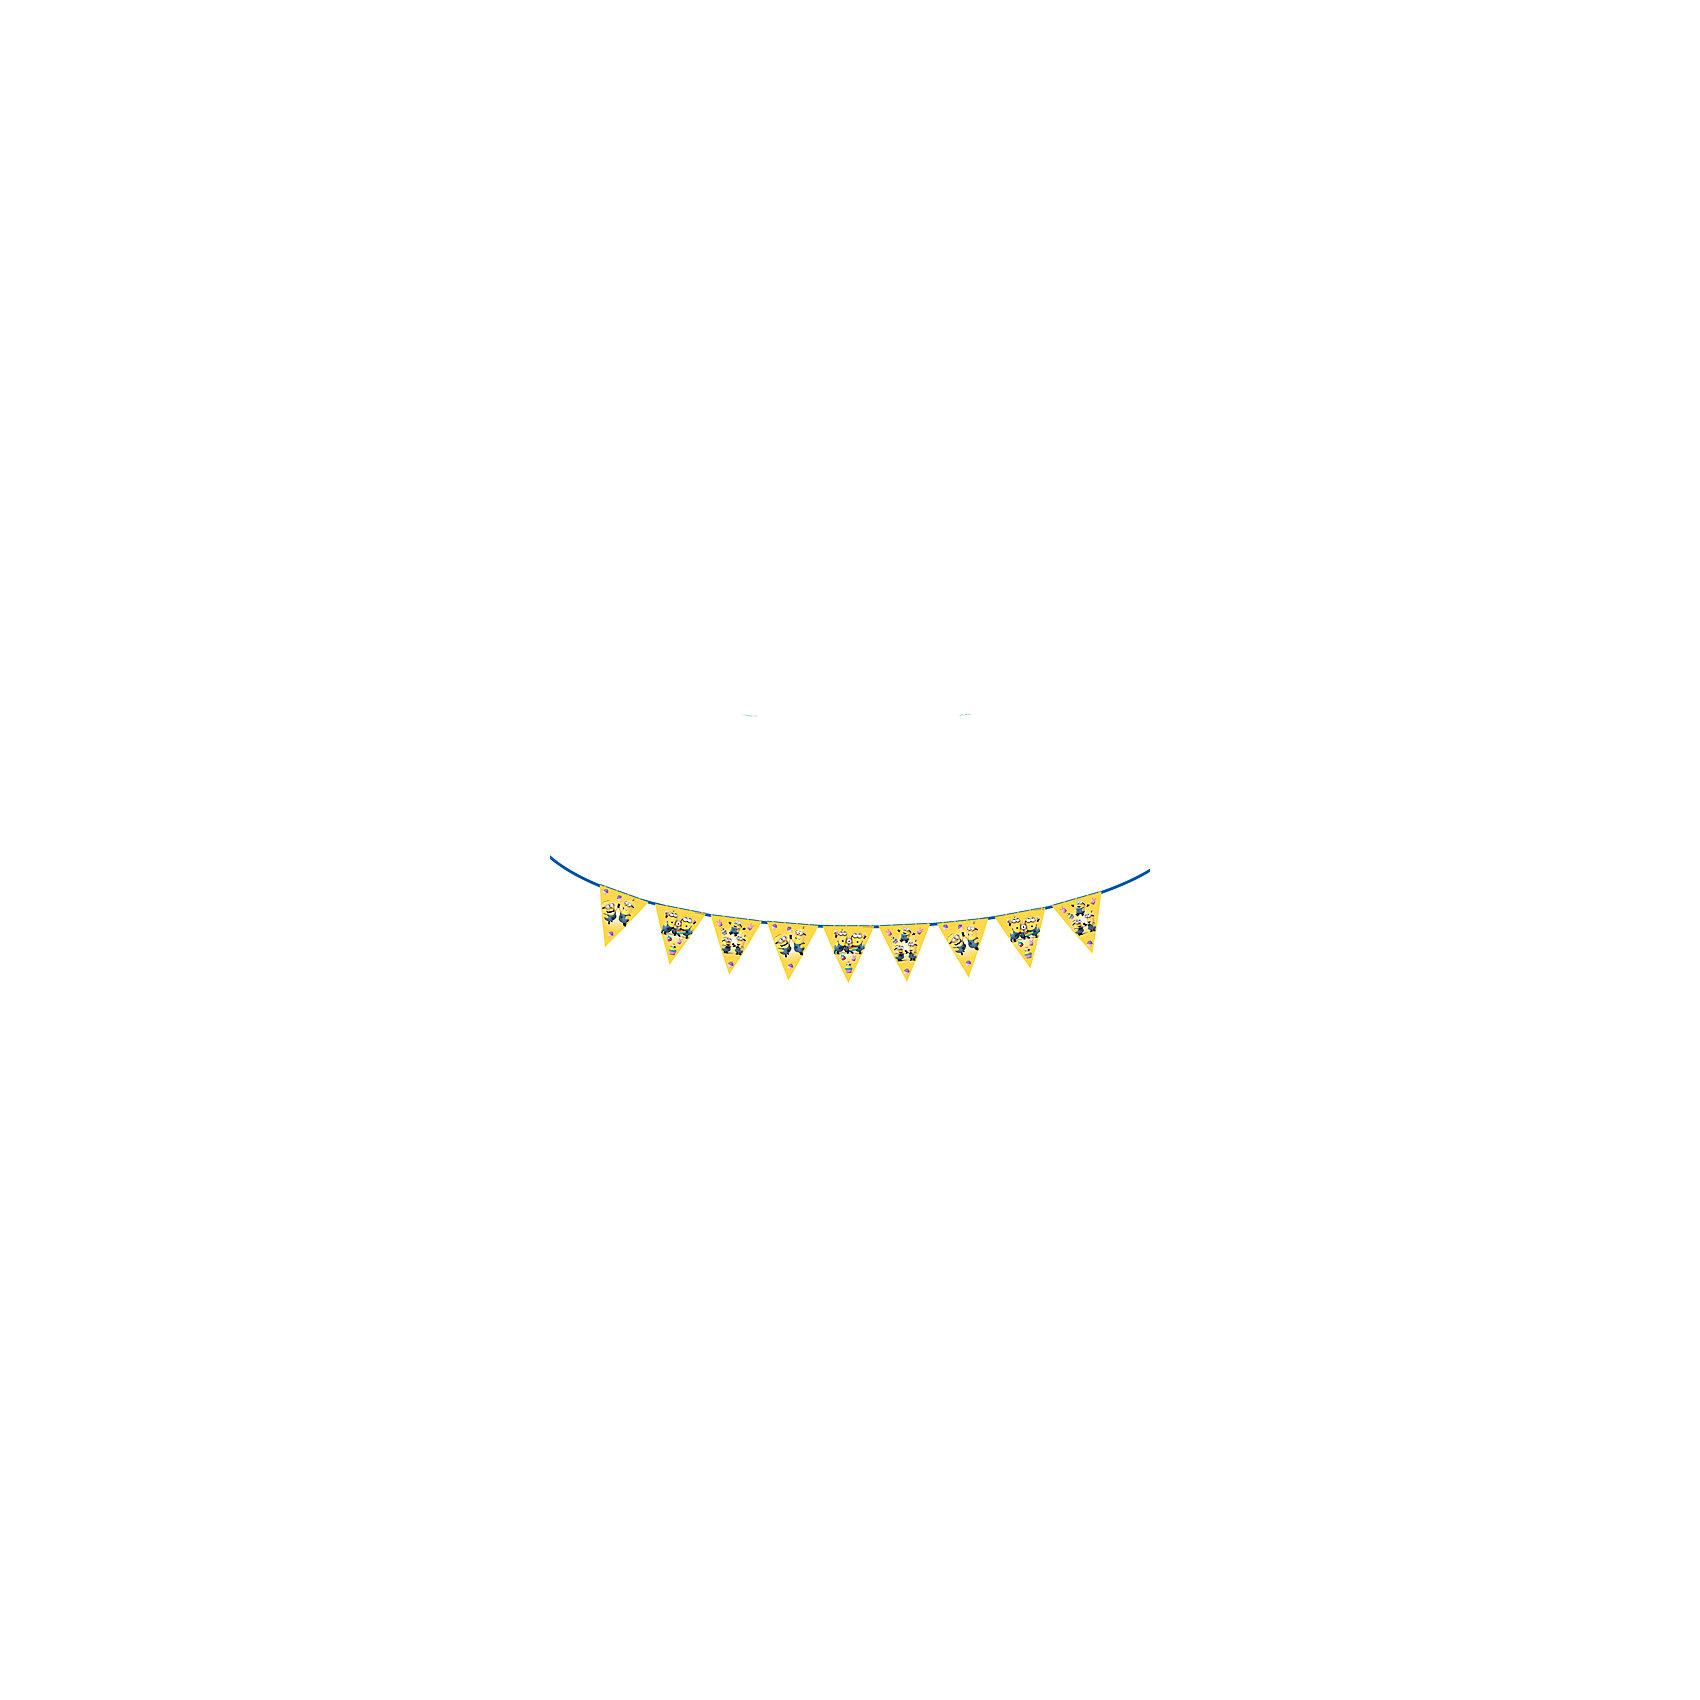 Росмэн Гирлянда-флажки Миньоны 3 м гирлянда электрическая lunten ranta сосулька 20 светодиодов длина 2 85 м